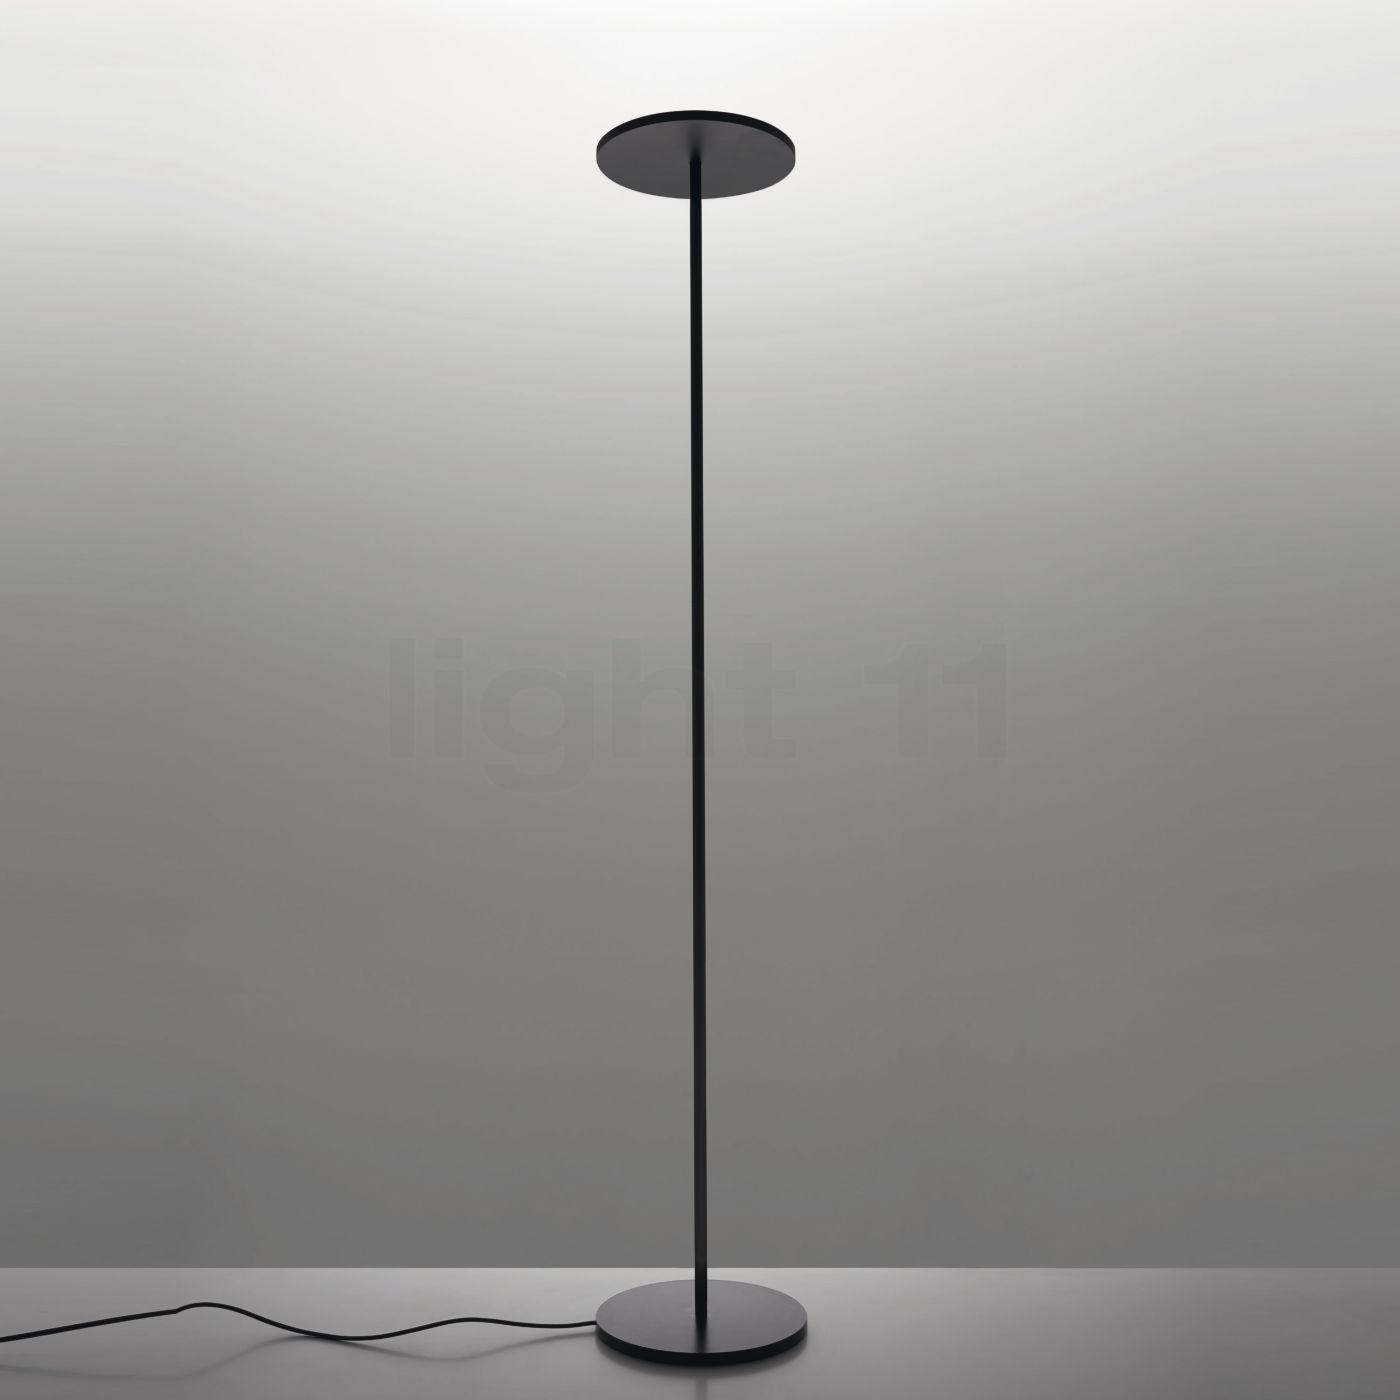 artemide lampen cheap led direct light table lamp. Black Bedroom Furniture Sets. Home Design Ideas